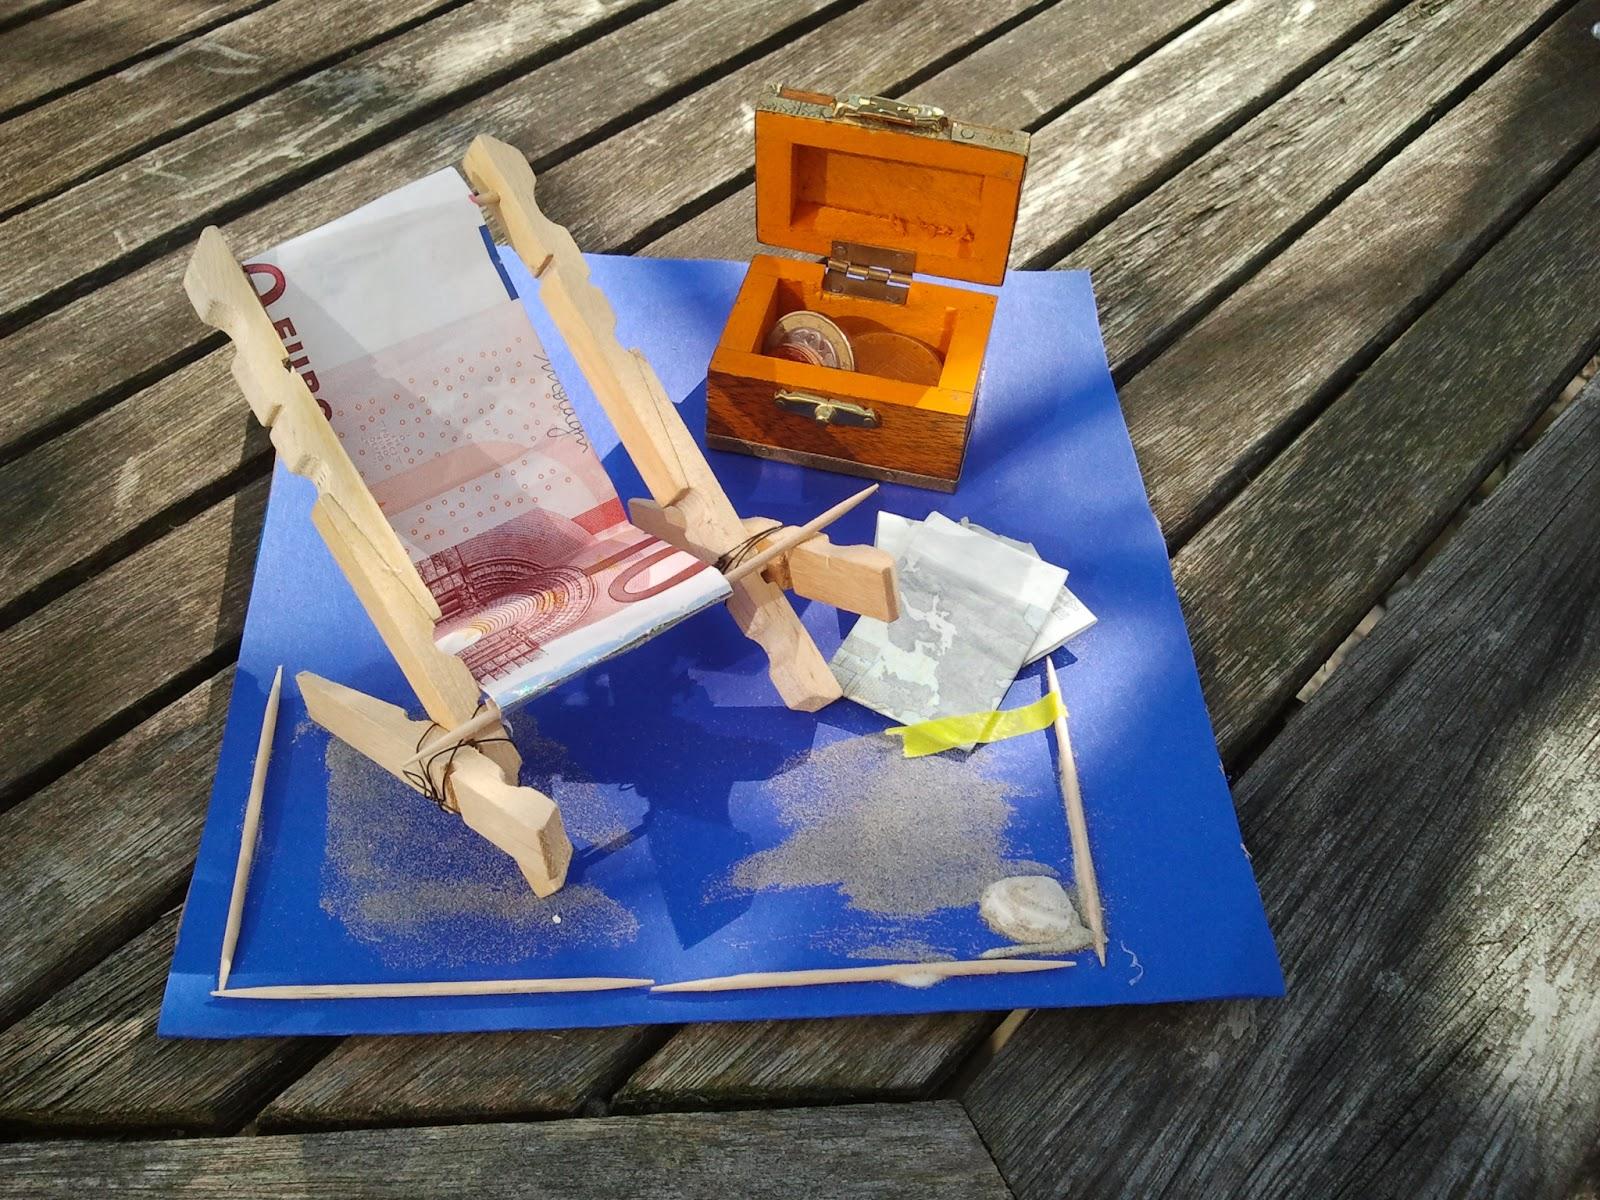 filzfisch unikate mit kuschelfaktor der sonnenstuhl teenie geschenk. Black Bedroom Furniture Sets. Home Design Ideas